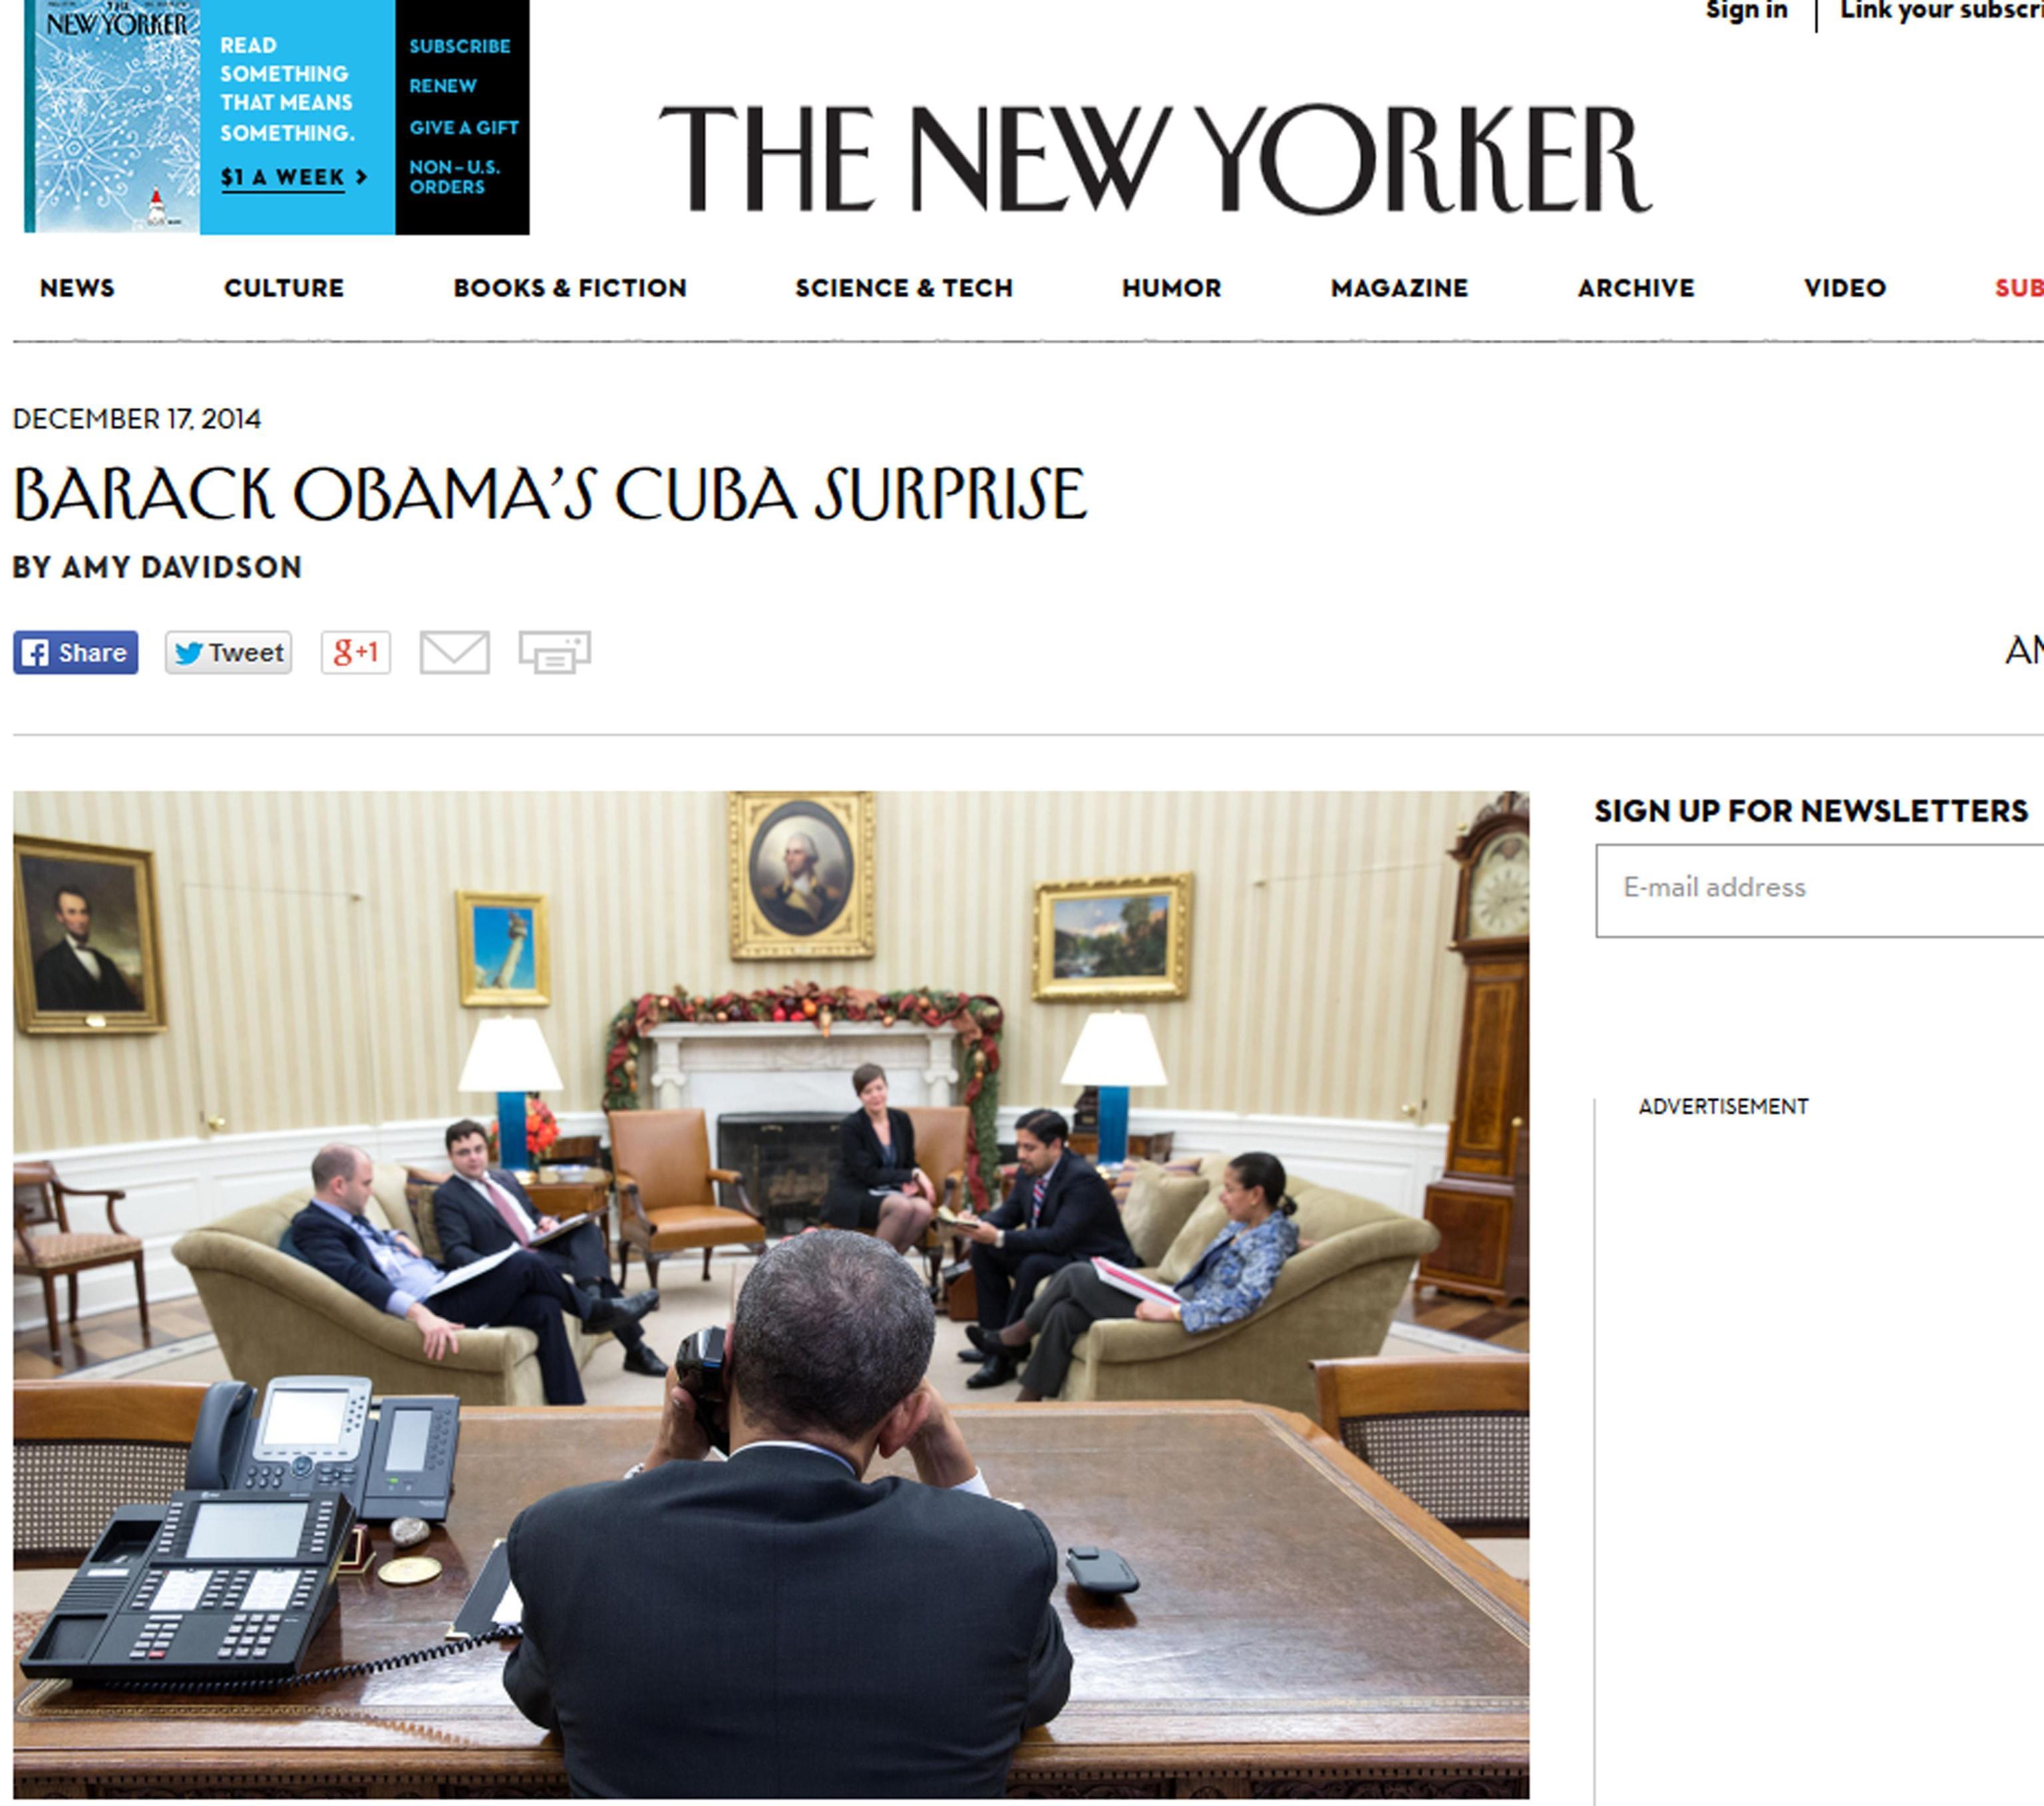 Molestie: New Yorker, via corrispondente